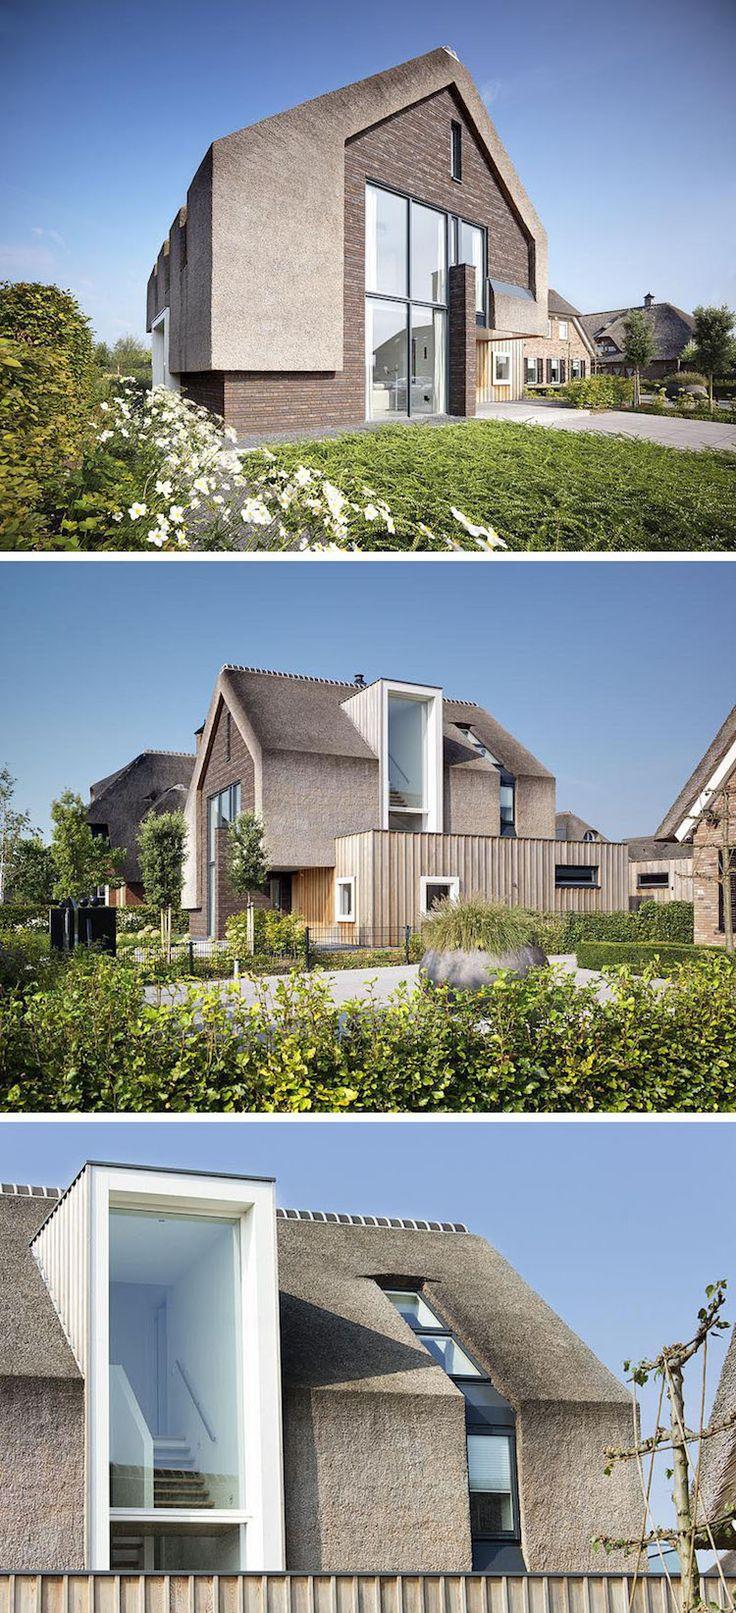 les 25 meilleures id es de la cat gorie toit de chaume sur pinterest l 39 architecture. Black Bedroom Furniture Sets. Home Design Ideas